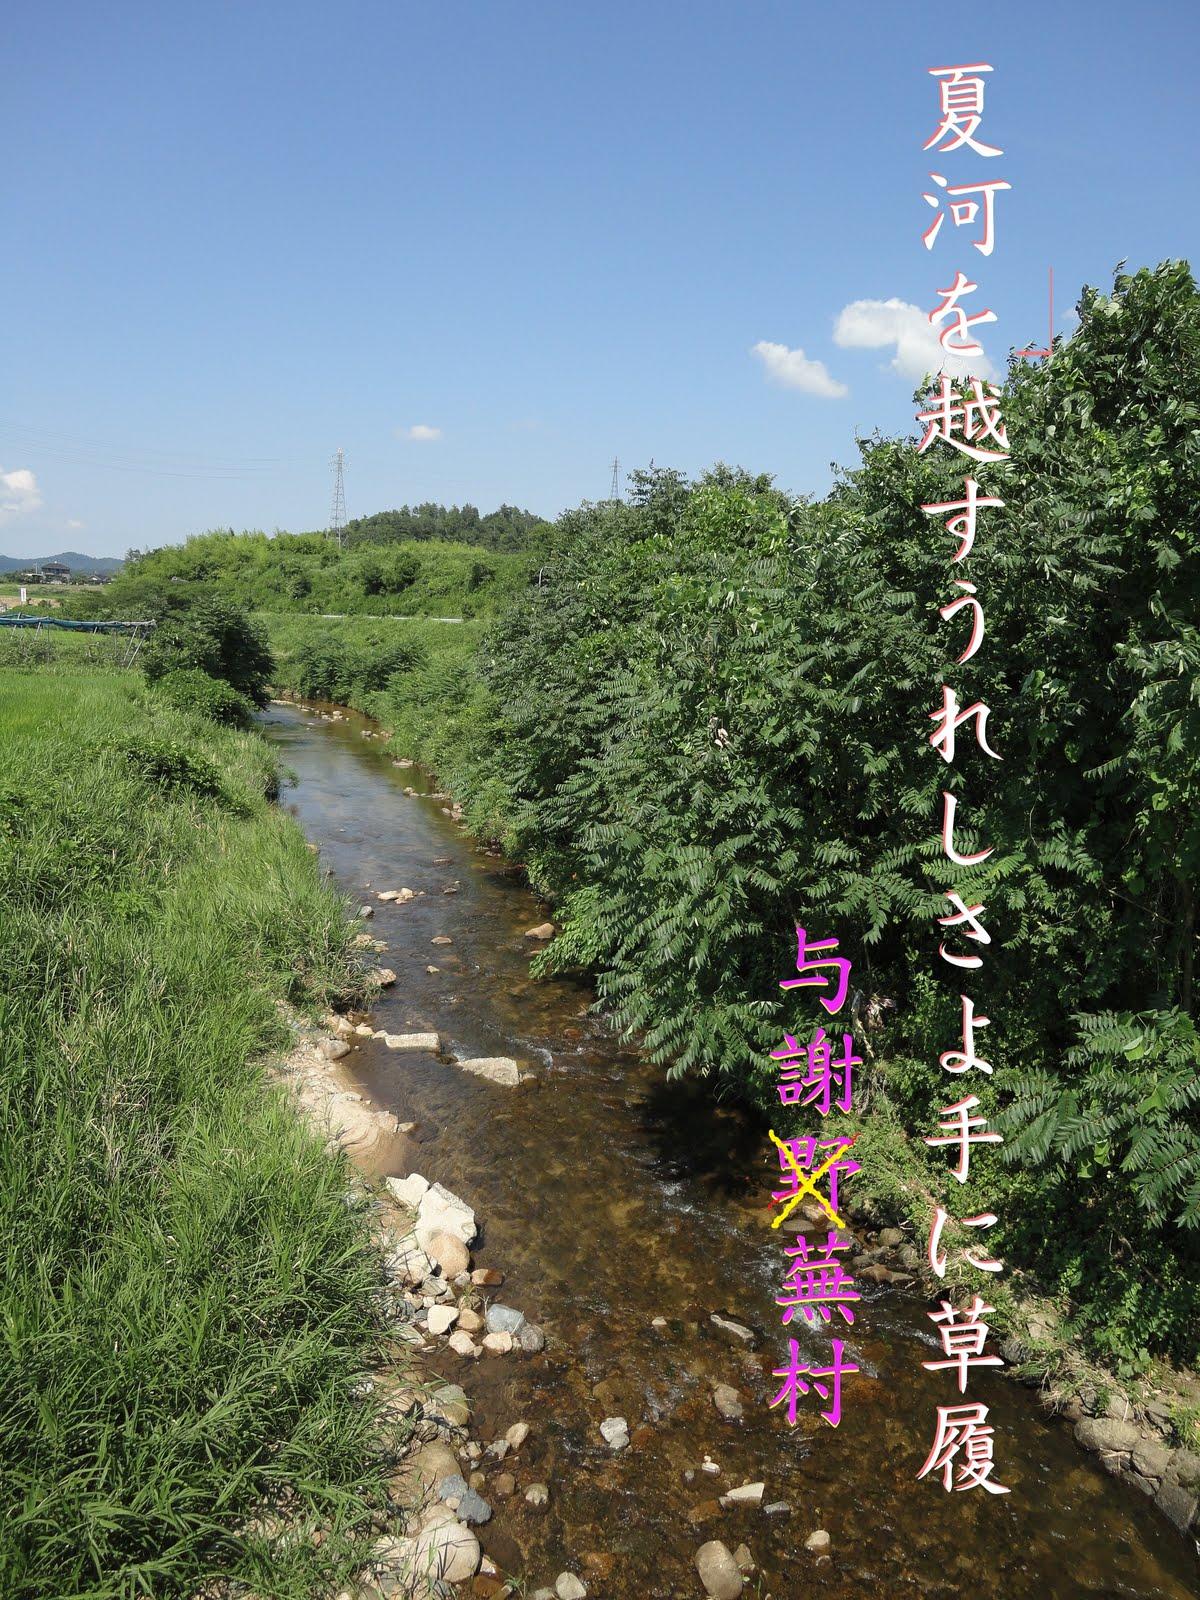 与謝蕪村の夏 与謝野郡加悦町 | LAST TANGO IN 丹後